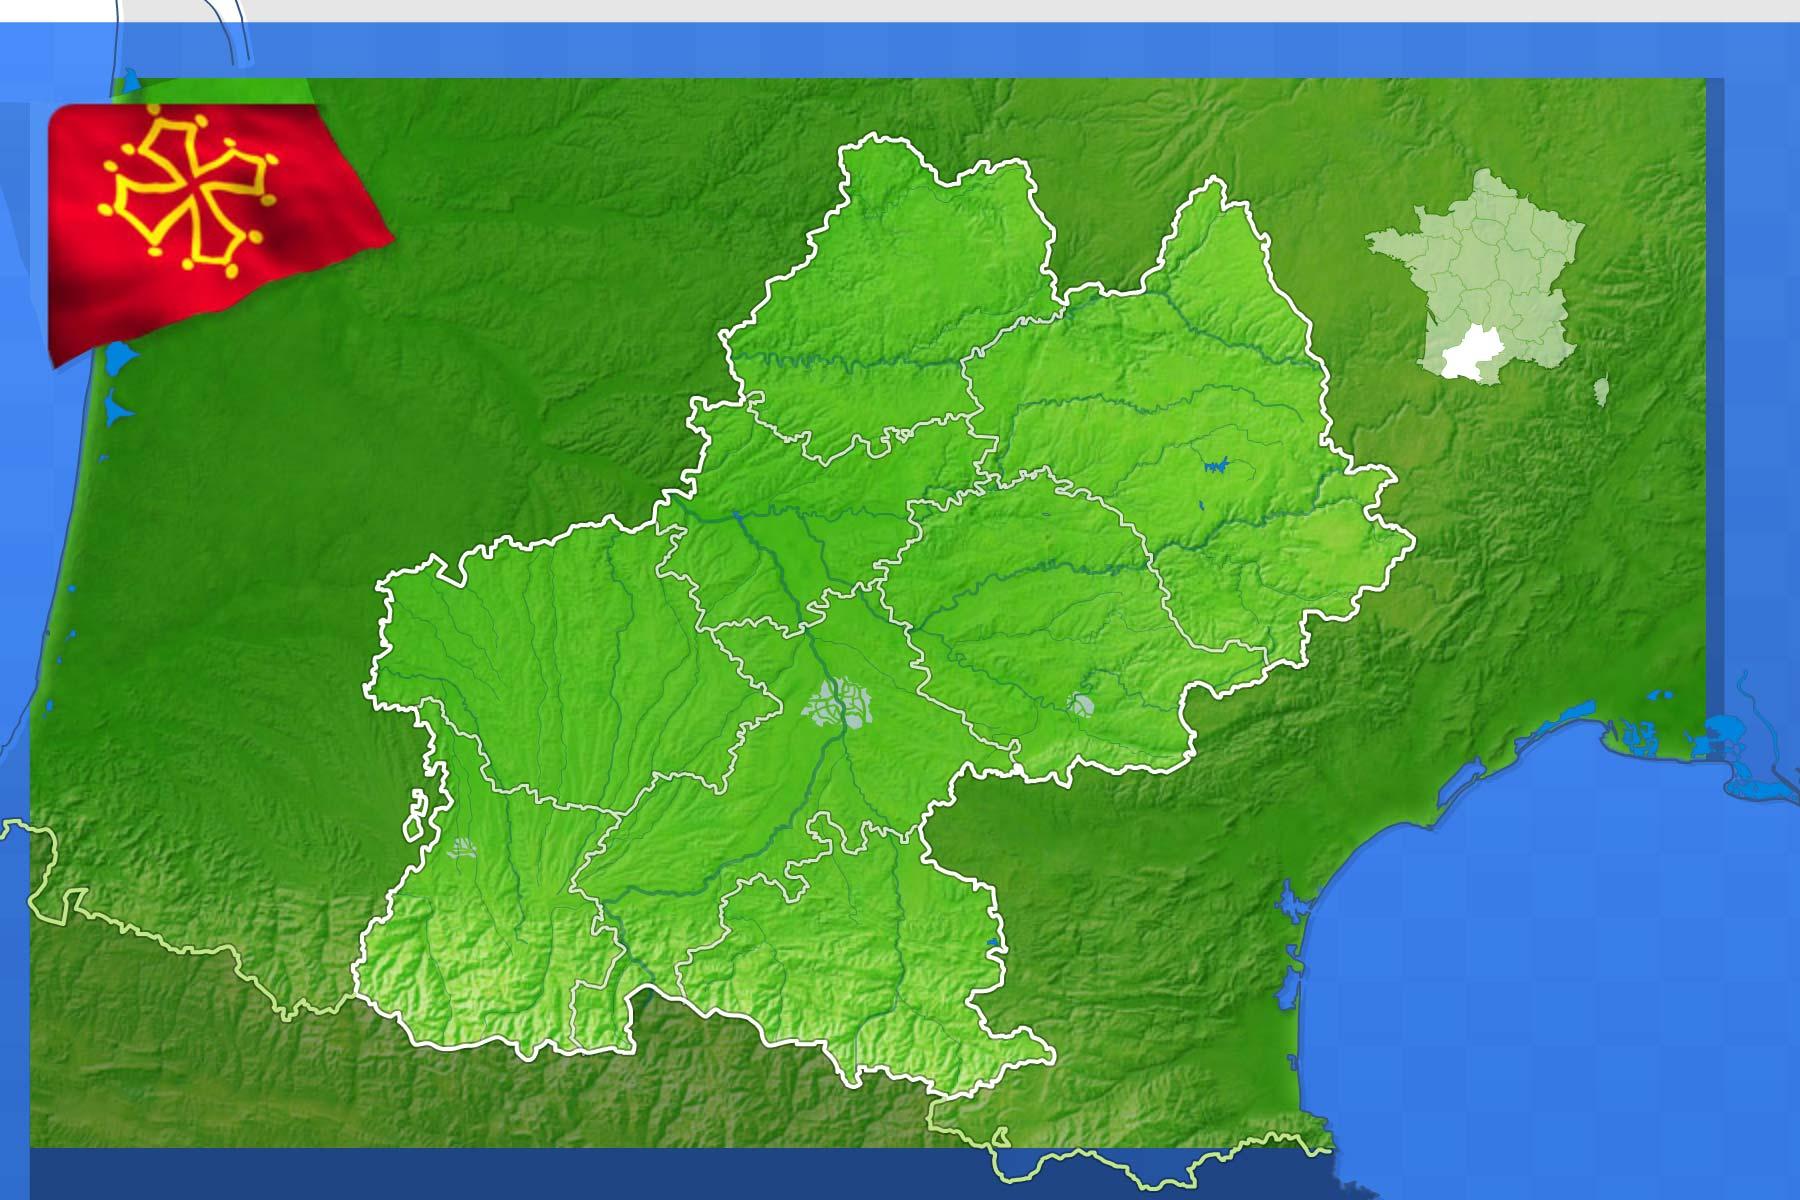 Jeux-Geographiques Jeux Gratuits Villes De Midi Pyrenees avec Jeu Geographie Ville De France